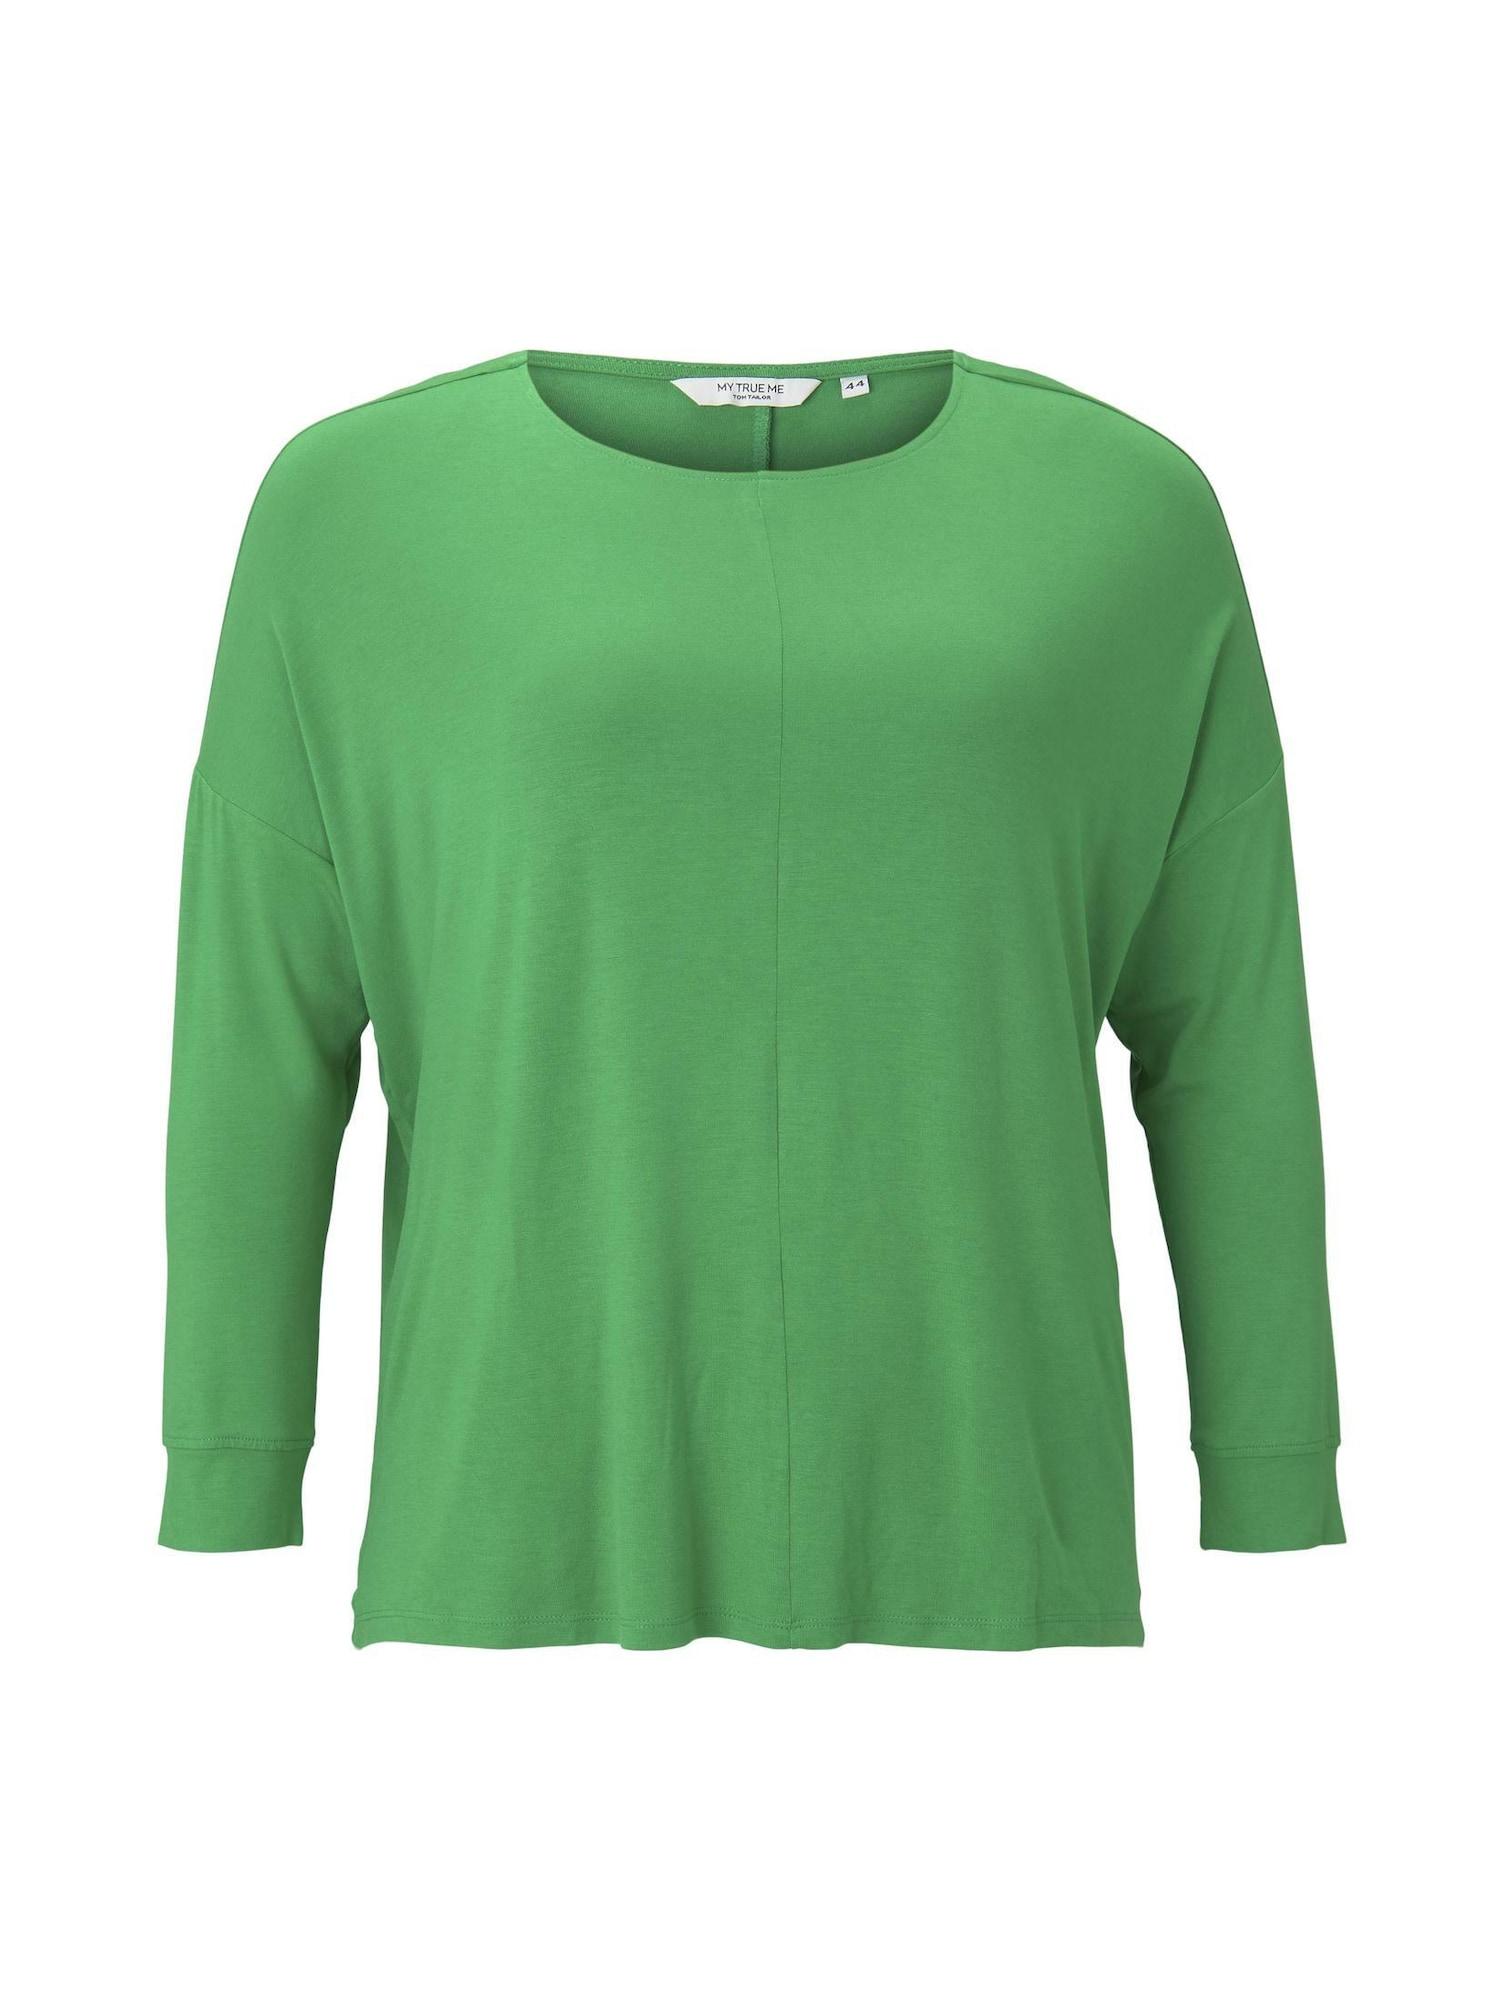 MY TRUE ME Marškinėliai žolės žalia